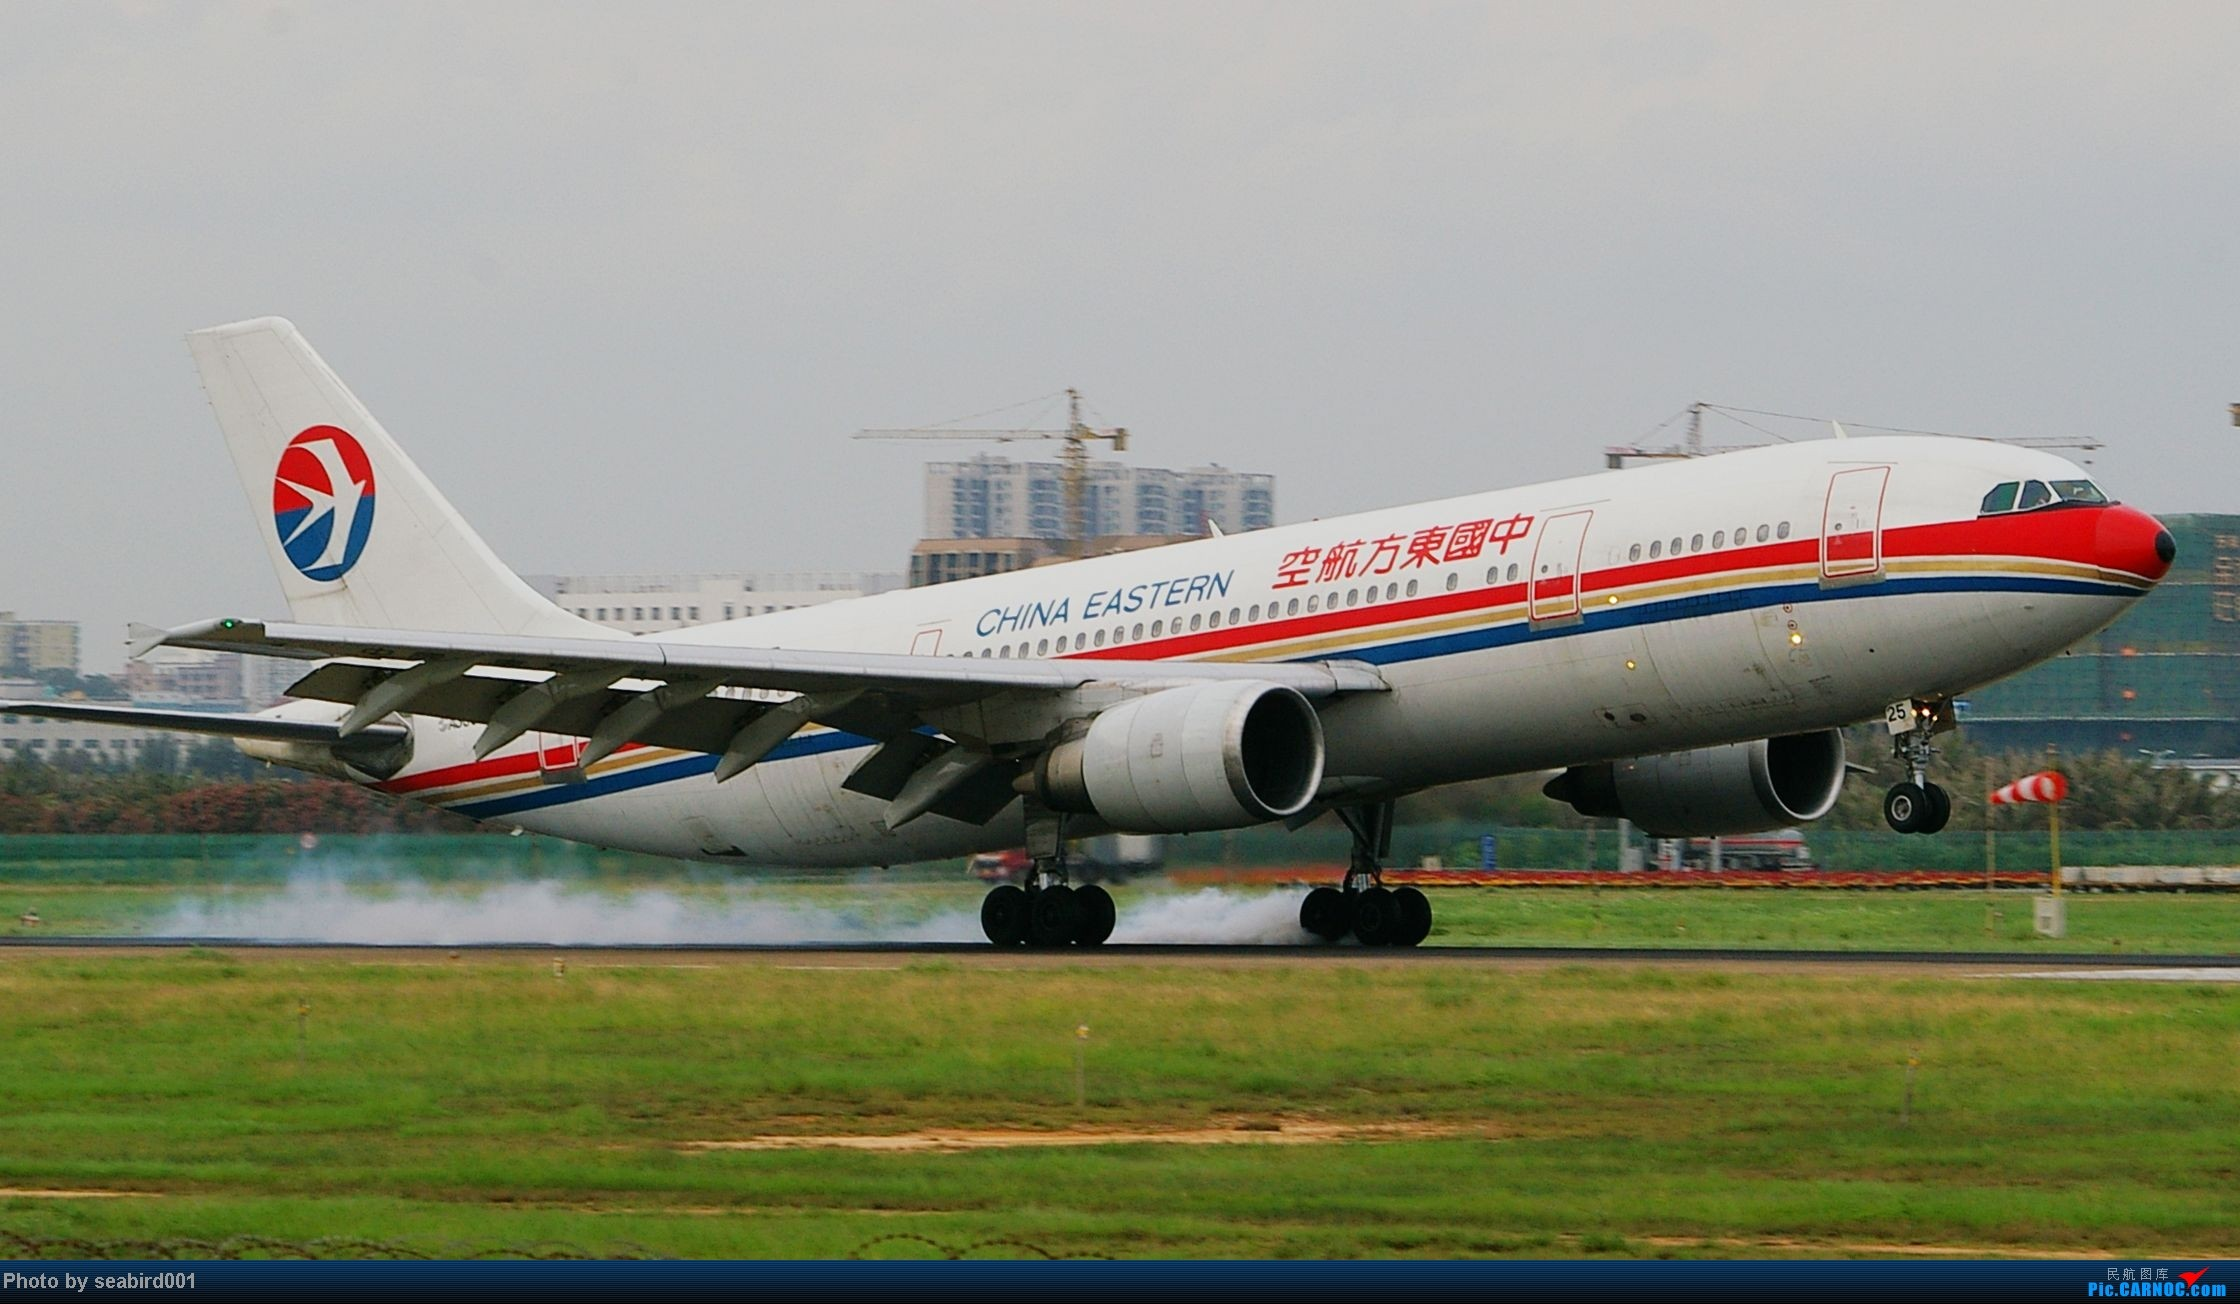 【深圳飞友会】为什么要做一图党,就是混点积分,骗点小飞机。有木有。 AIRBUS A300-B4-600 B-2325 中国深圳宝安机场